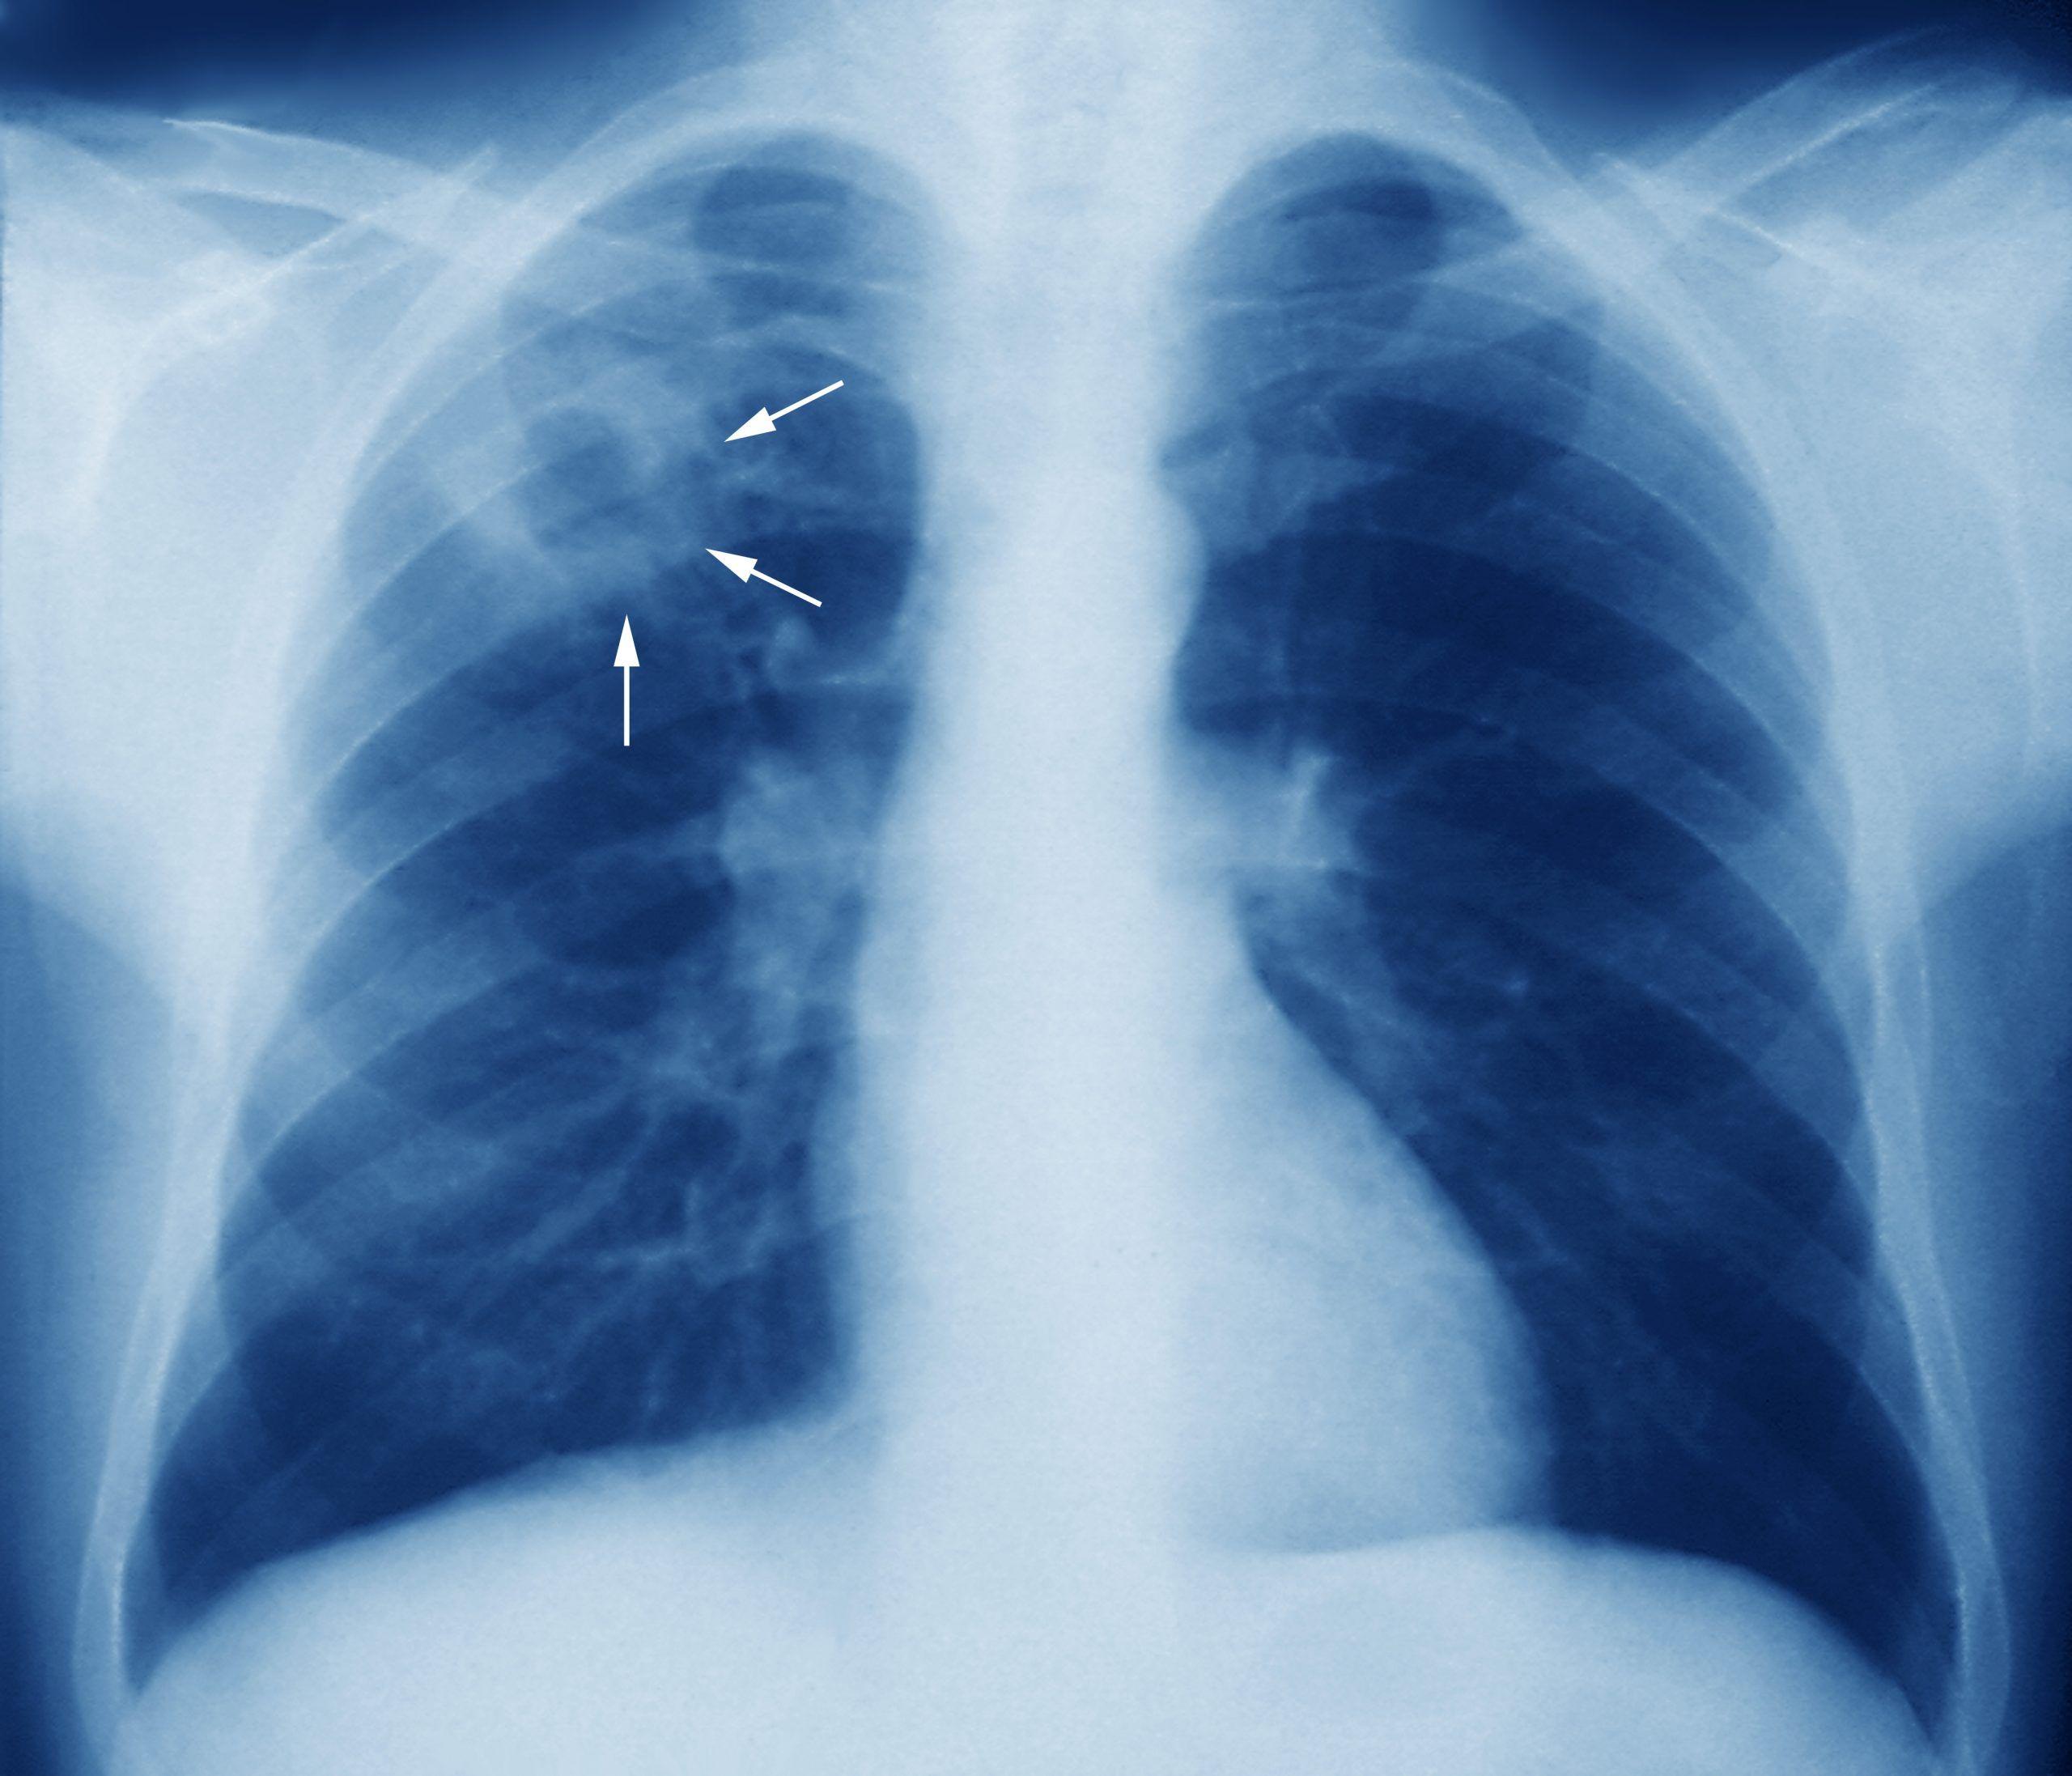 SNS tiene 88 millones para la tuberculosis. Fuente externa.